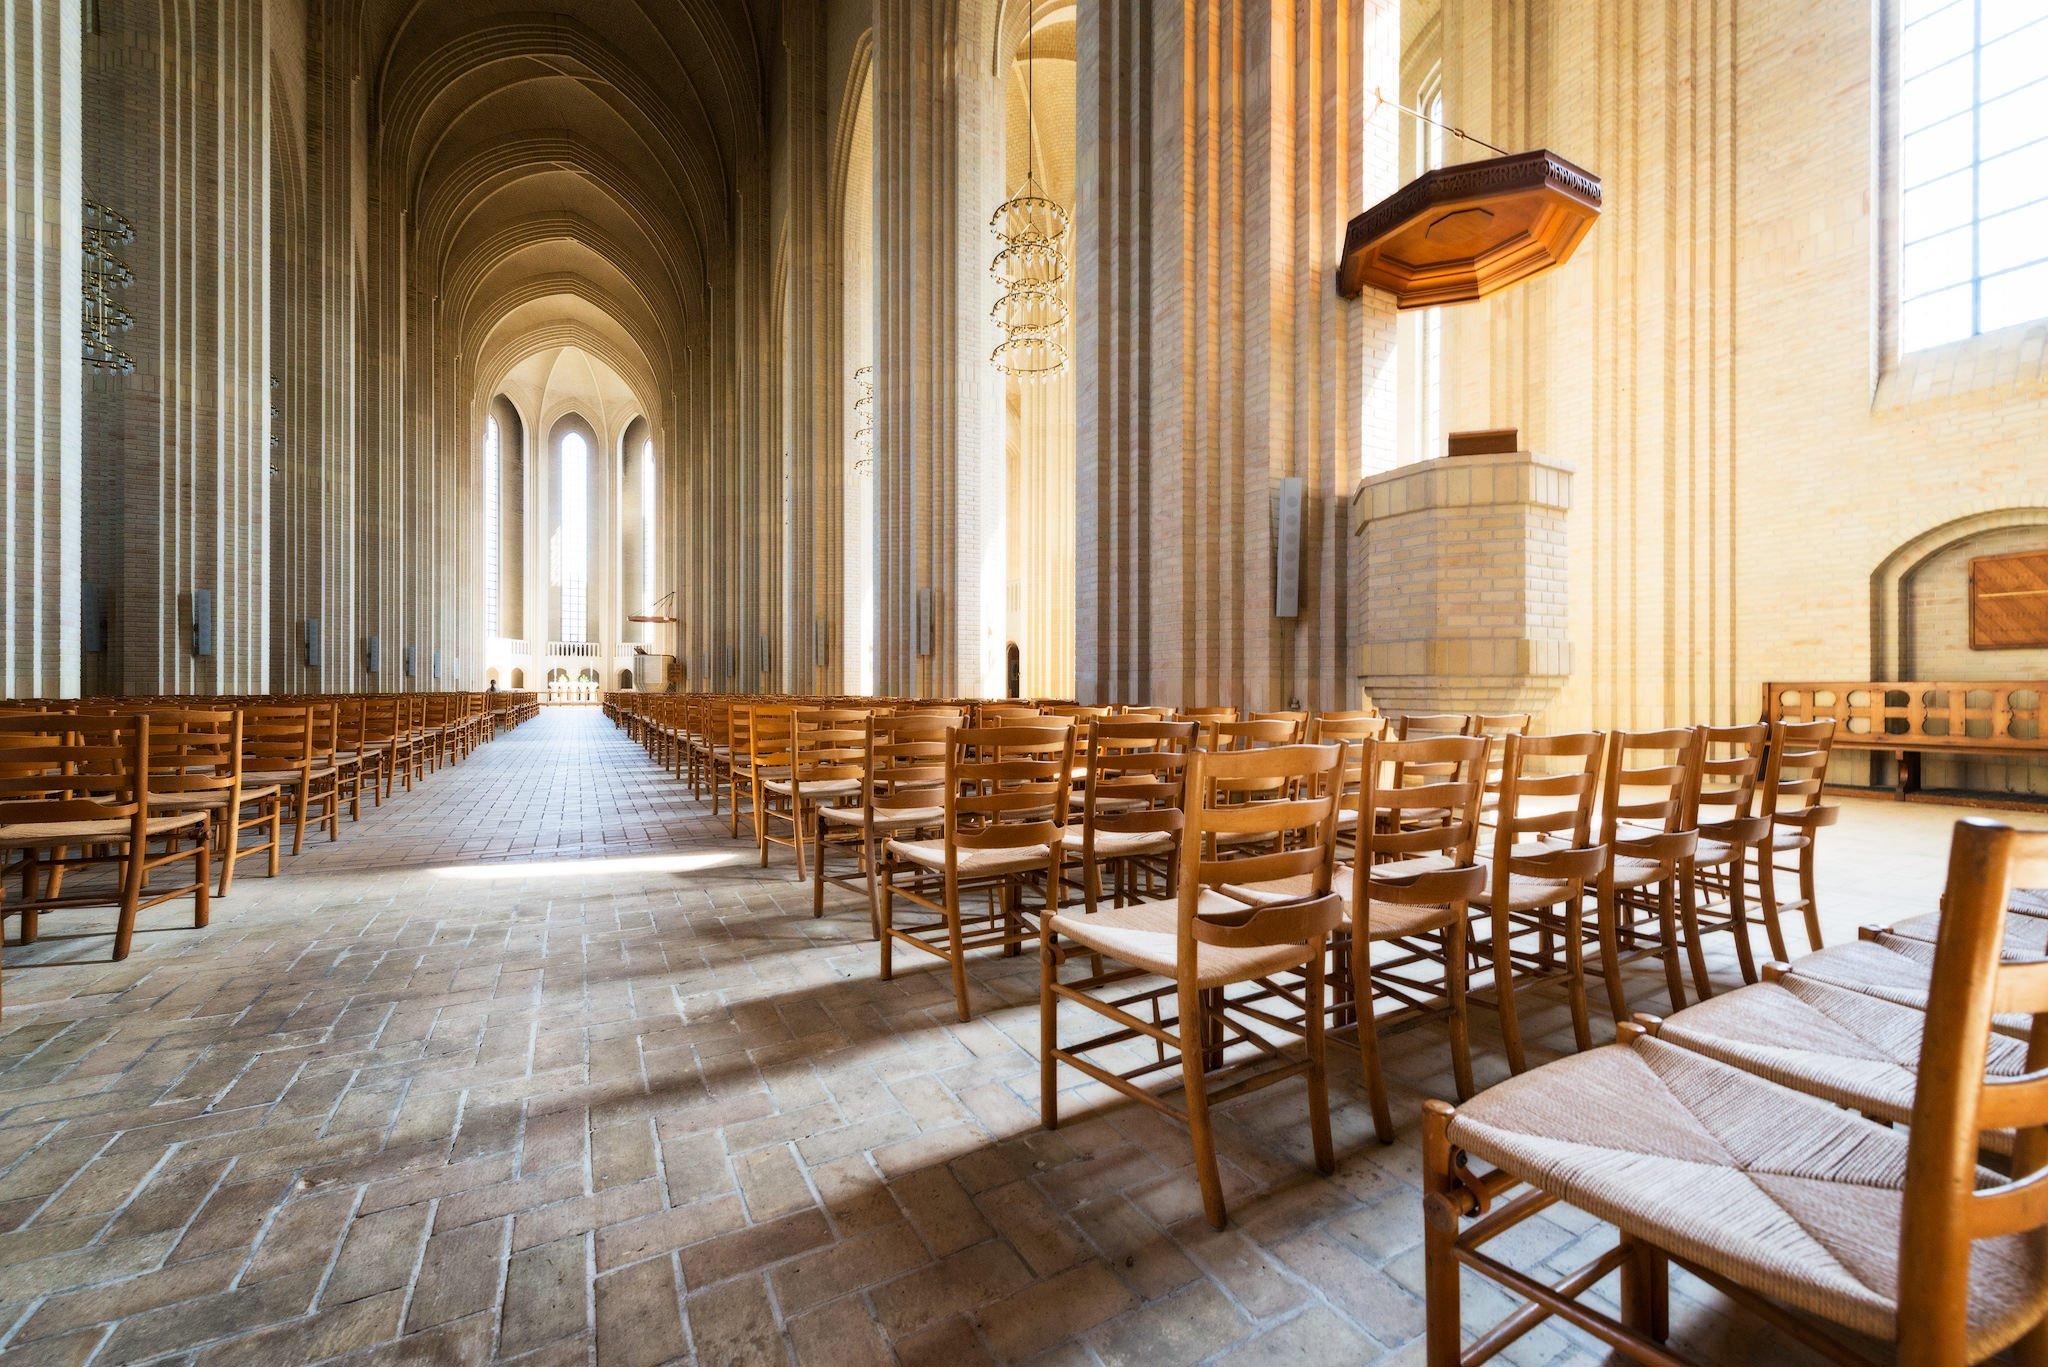 Grundtvigskirche - seltene expressionistische Architektur. Kopenhagen, Dänemark